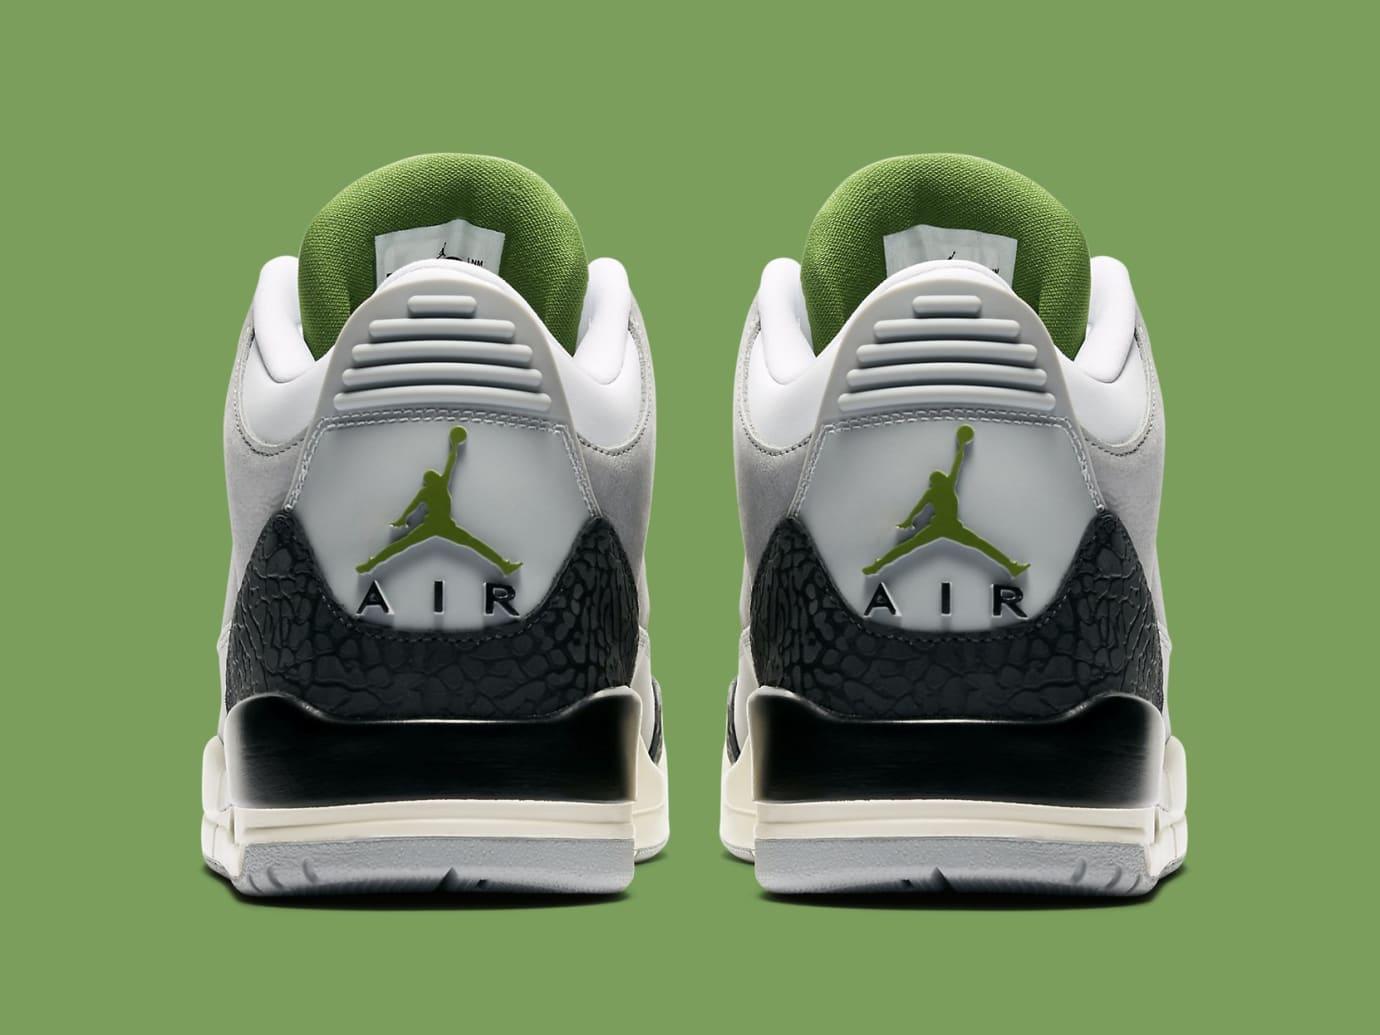 2748d398aa98 Image via Nike Air Jordan 3 III Chlorophyll Tinker Release Date 136064-006  Heel